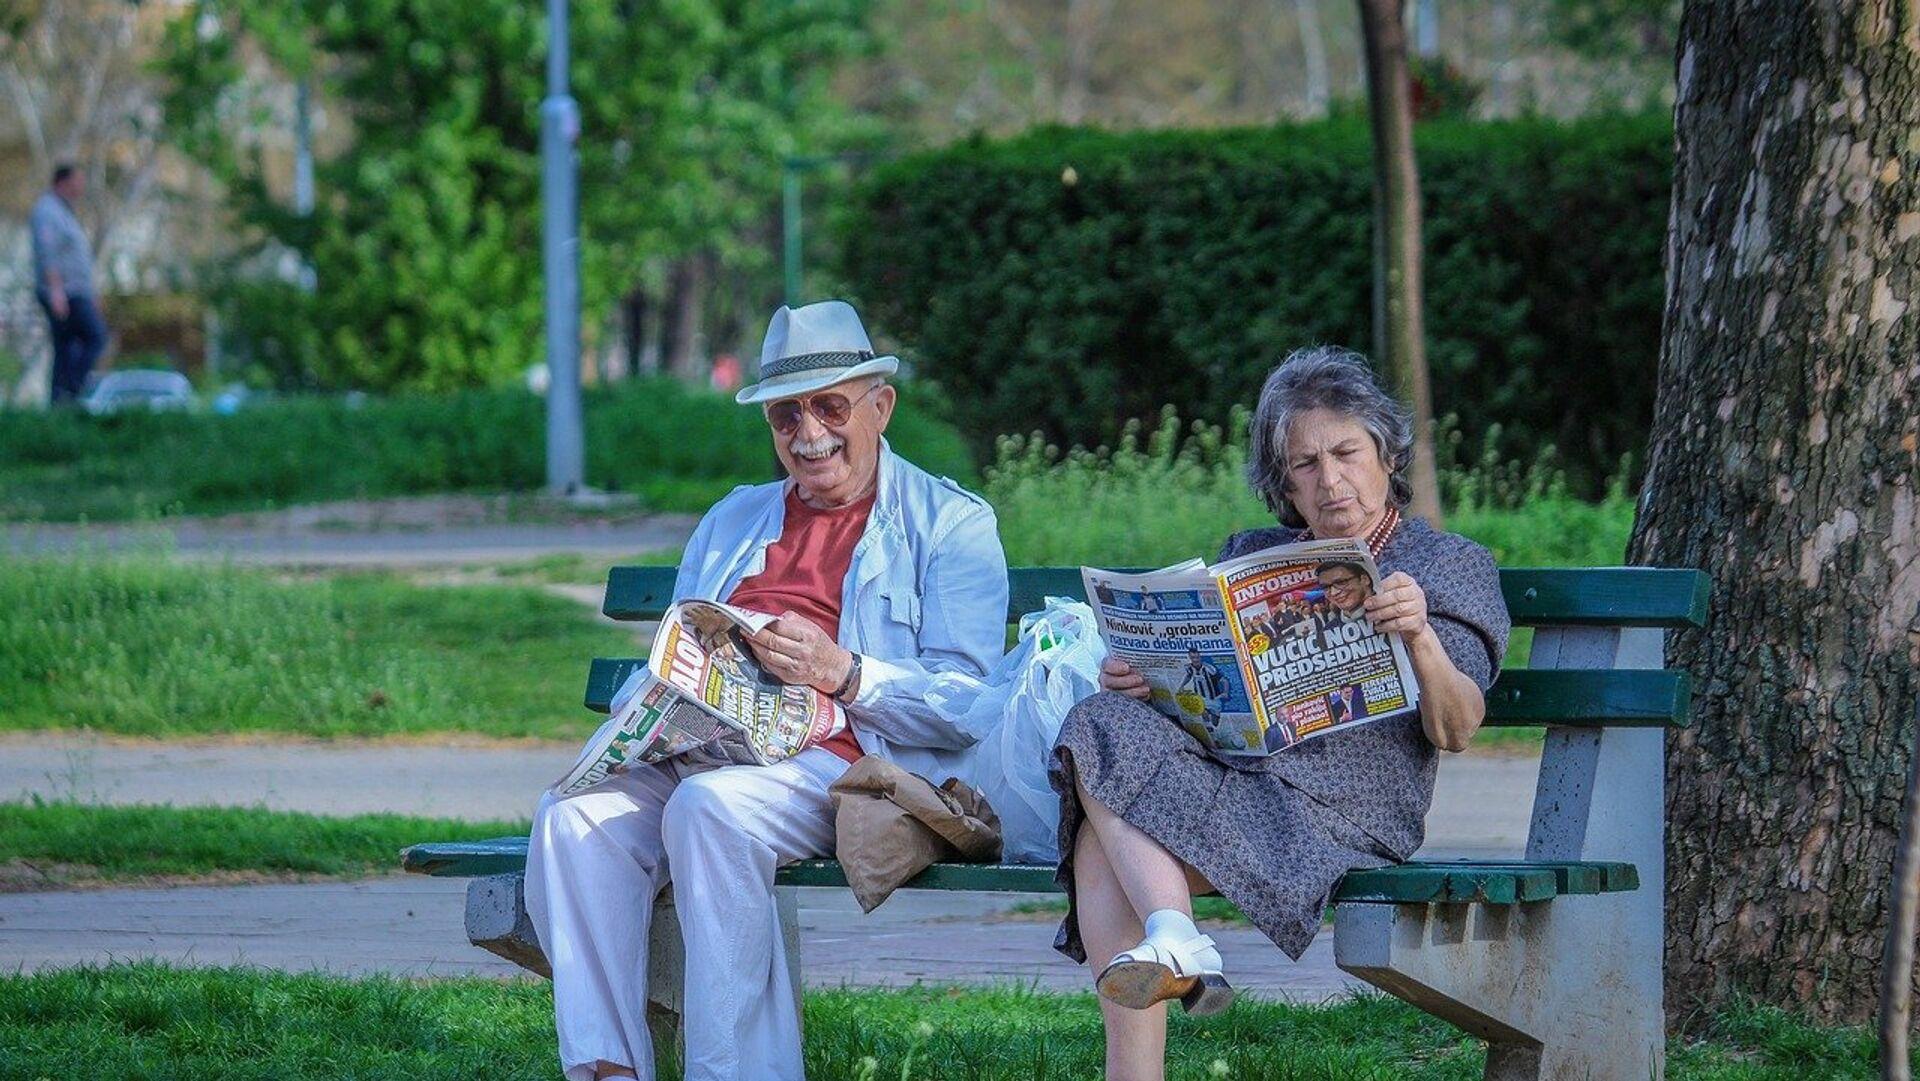 Пензионери у парку - Sputnik Србија, 1920, 25.07.2021